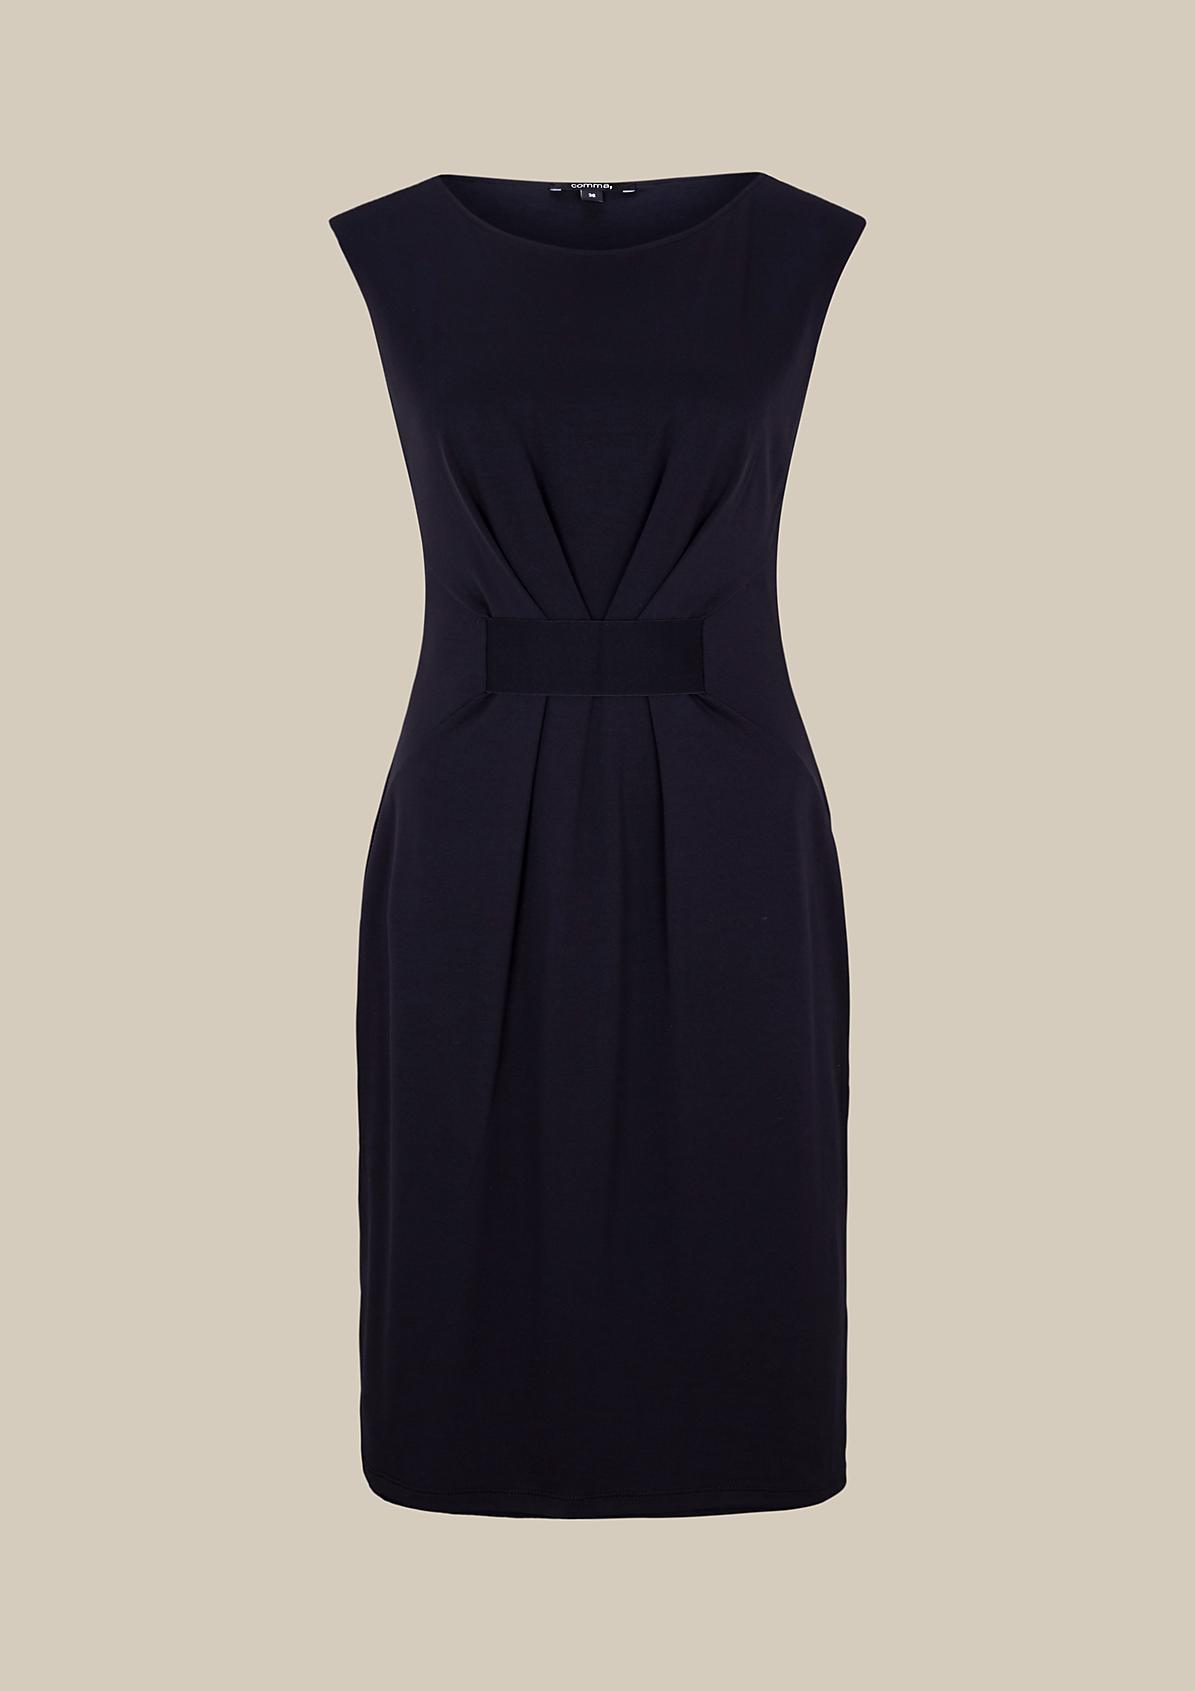 Lässiges Jerseykleid mit verspielten Detailarbeiten